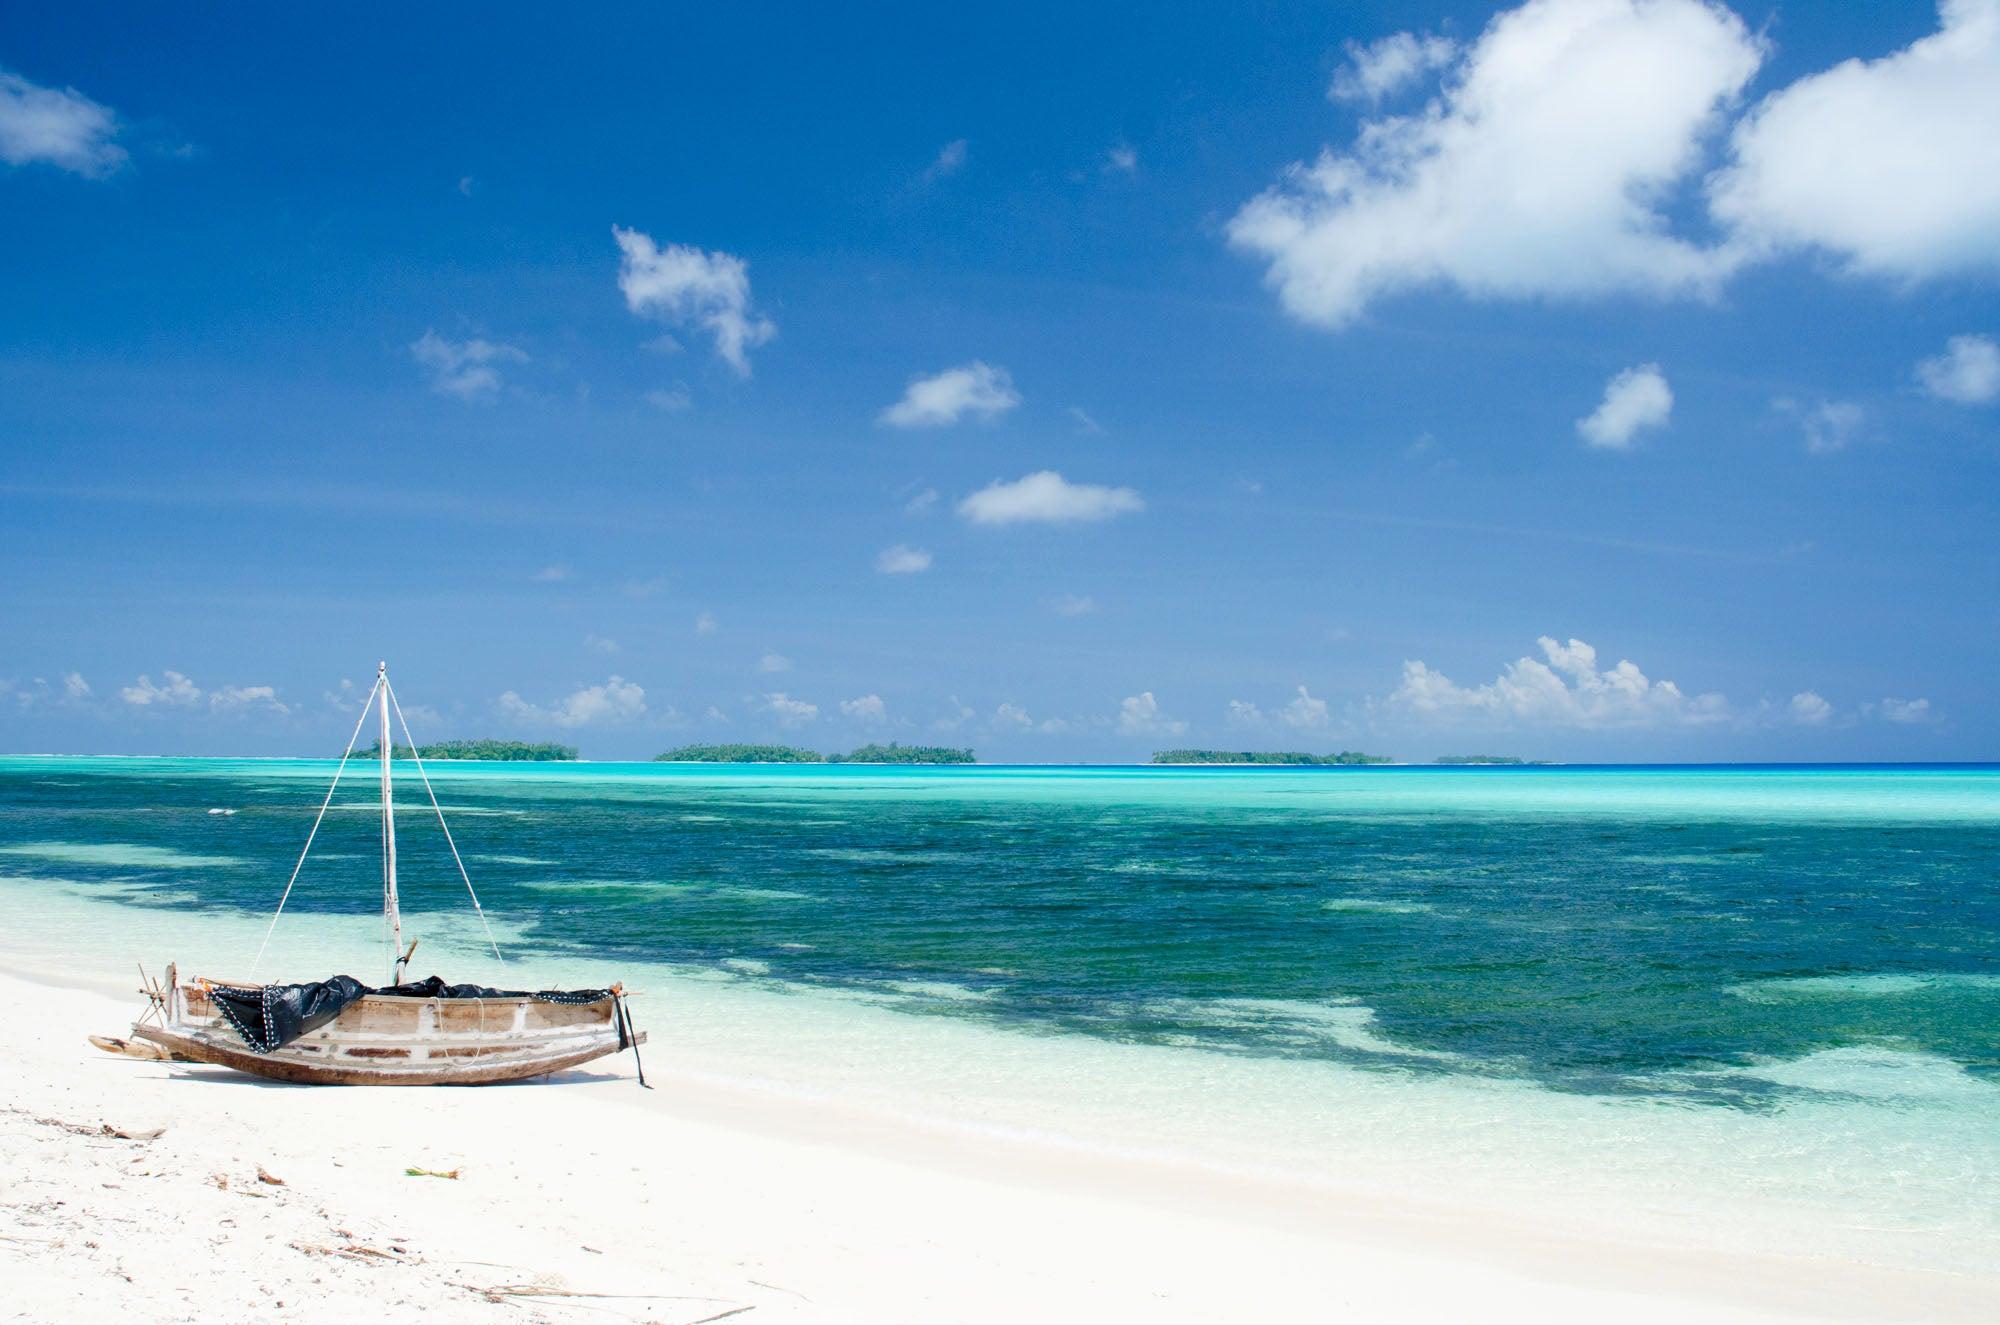 Melanesia, Solomon Islands and Vanuatu